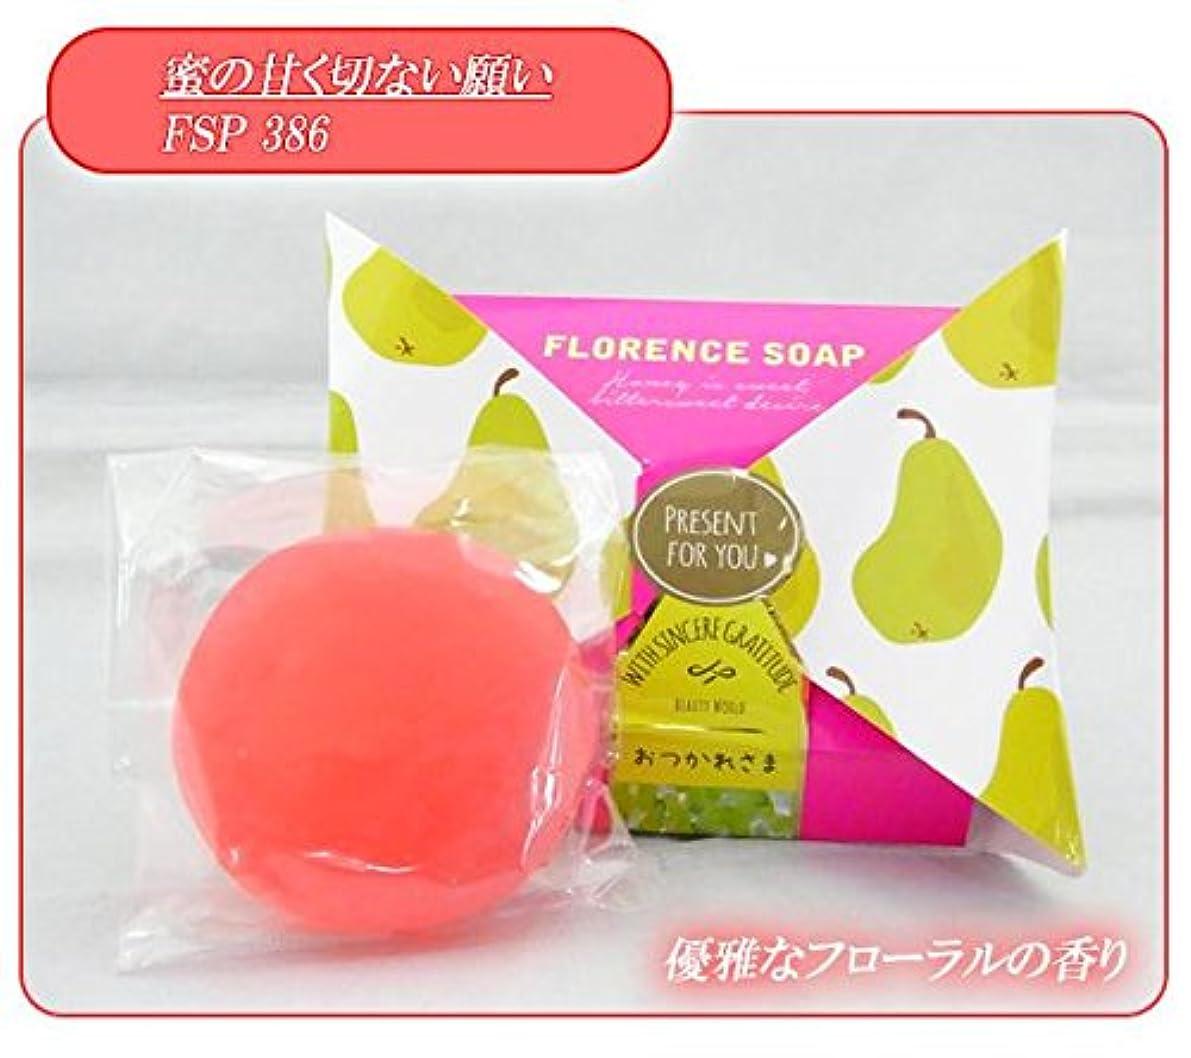 布早い刺すビューティーワールド BWフローレンスの香り石けん リボンパッケージ 6個セット 蜜の甘く切ない願い